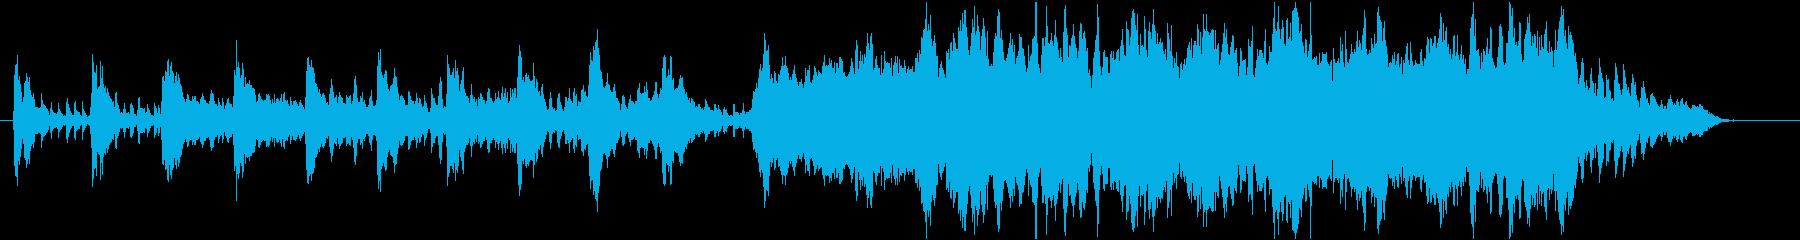 チャイコフスキー 「弦楽セレナーデ」の再生済みの波形